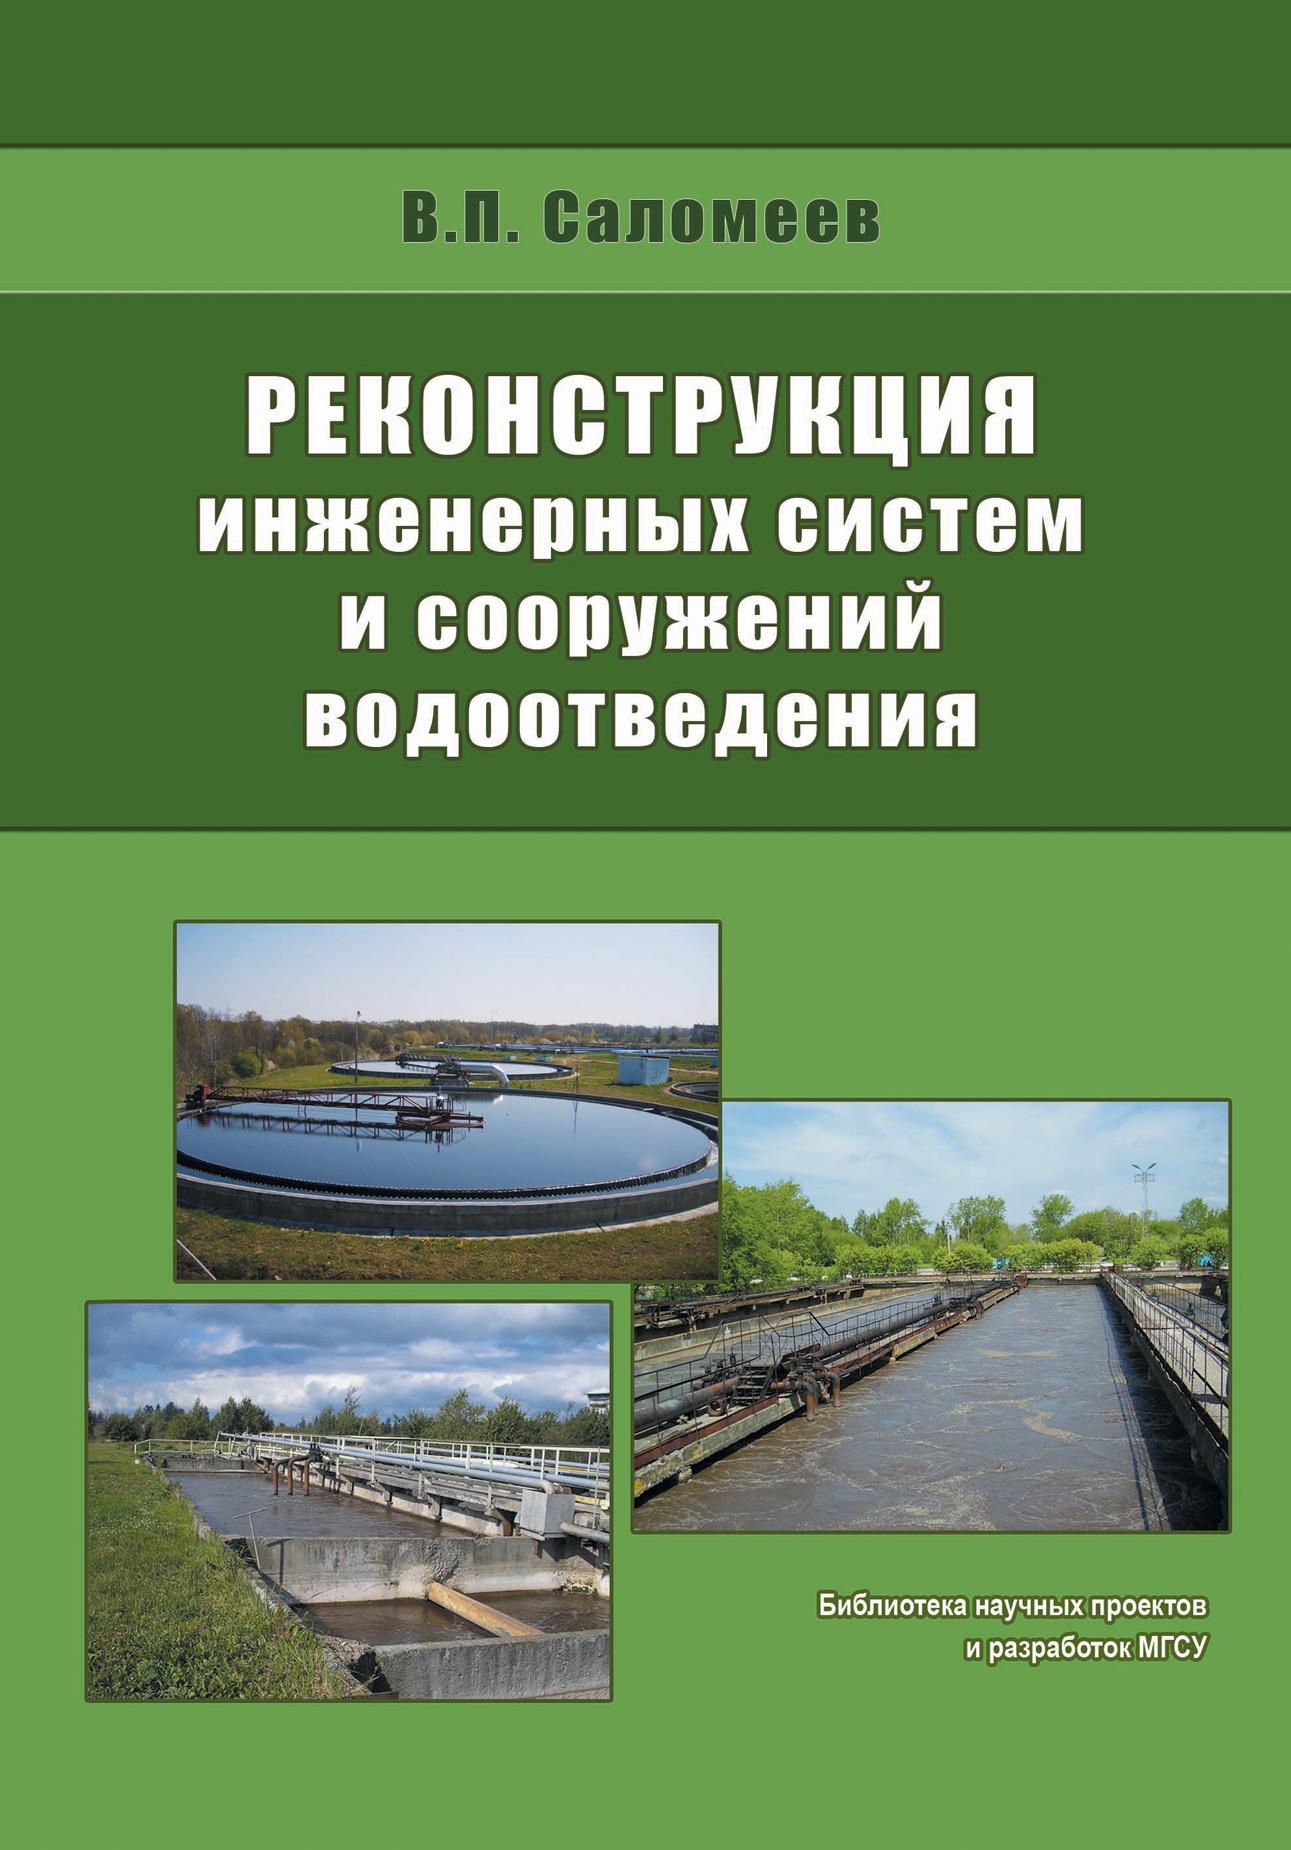 Реконструкция инженерных систем и сооружений водоотведения